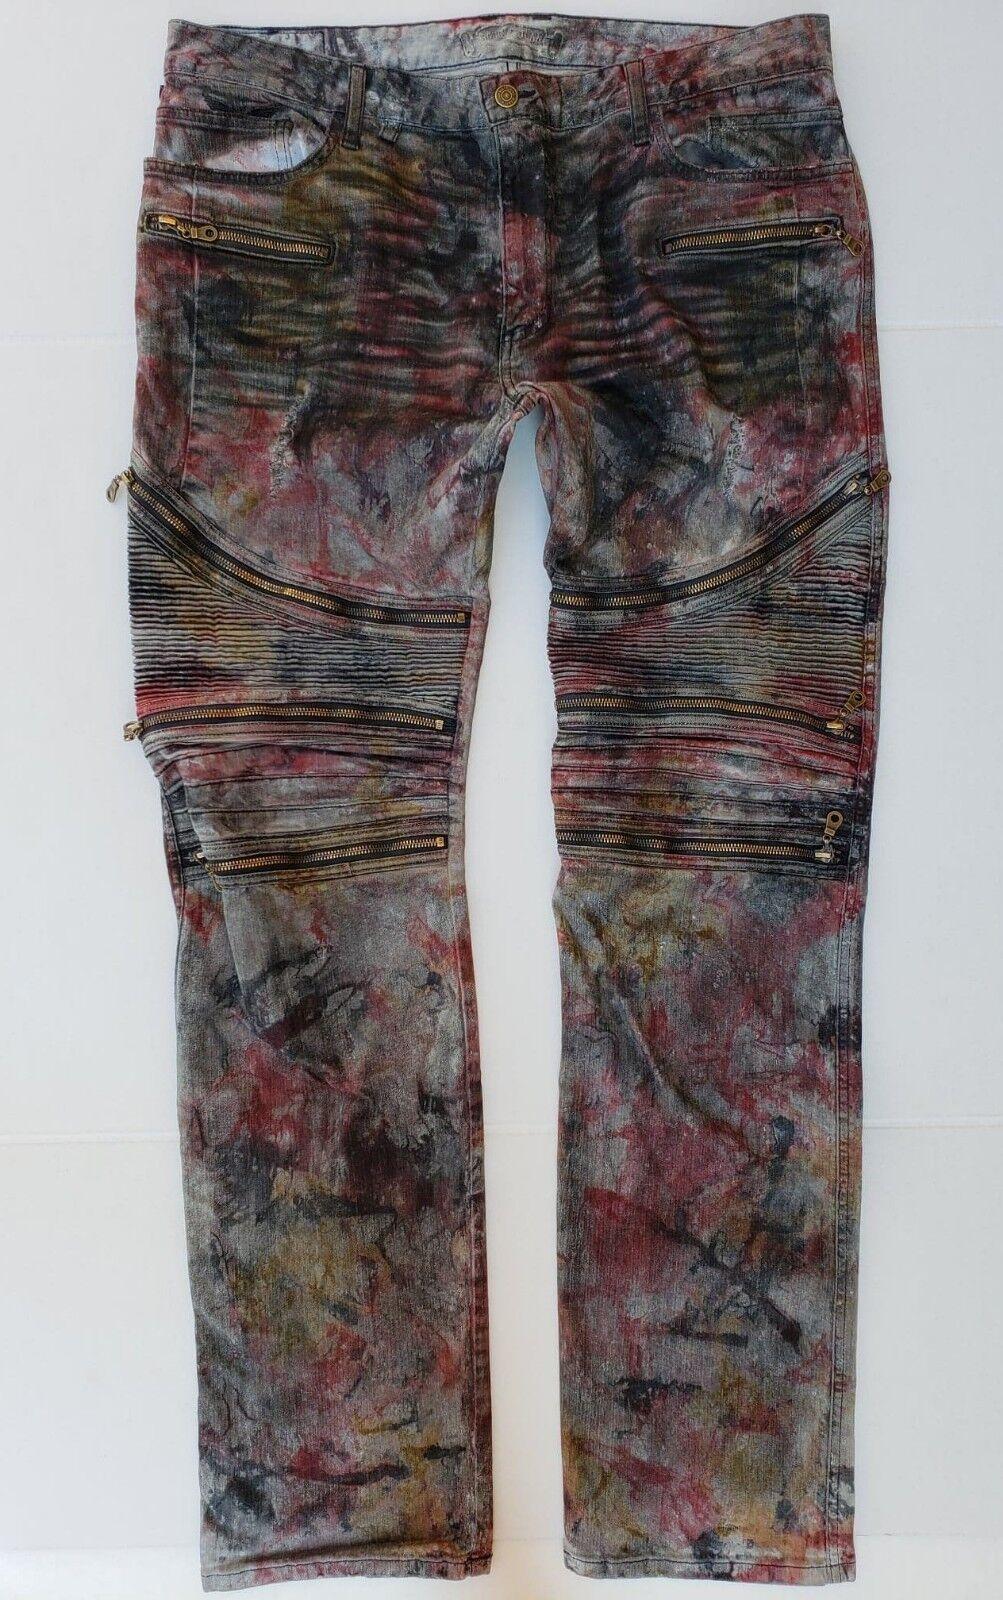 Neu Herren ROTKEHLCHEN Jeans Größe 44   The Show   Schmal Premium Jeans  BM50156